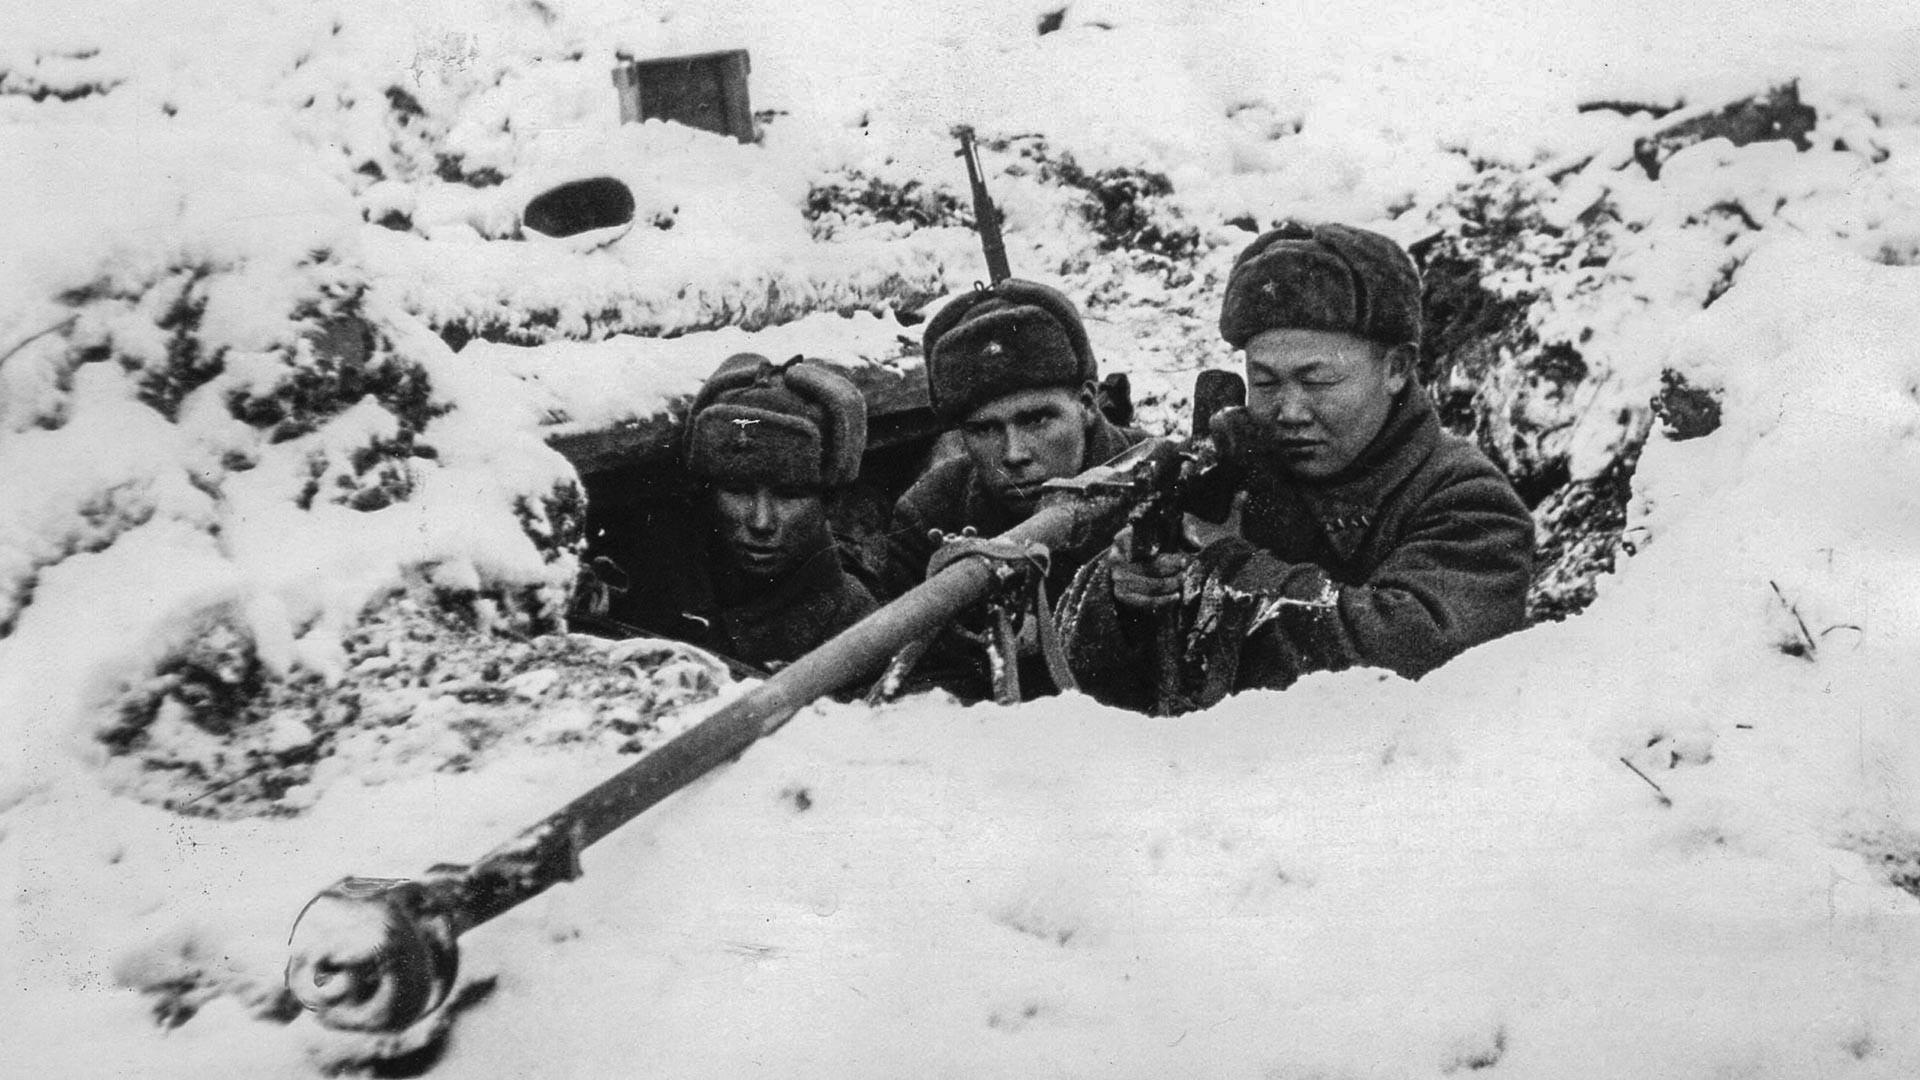 Controffensiva delle truppe sovietiche vicino a Mosca, 1941